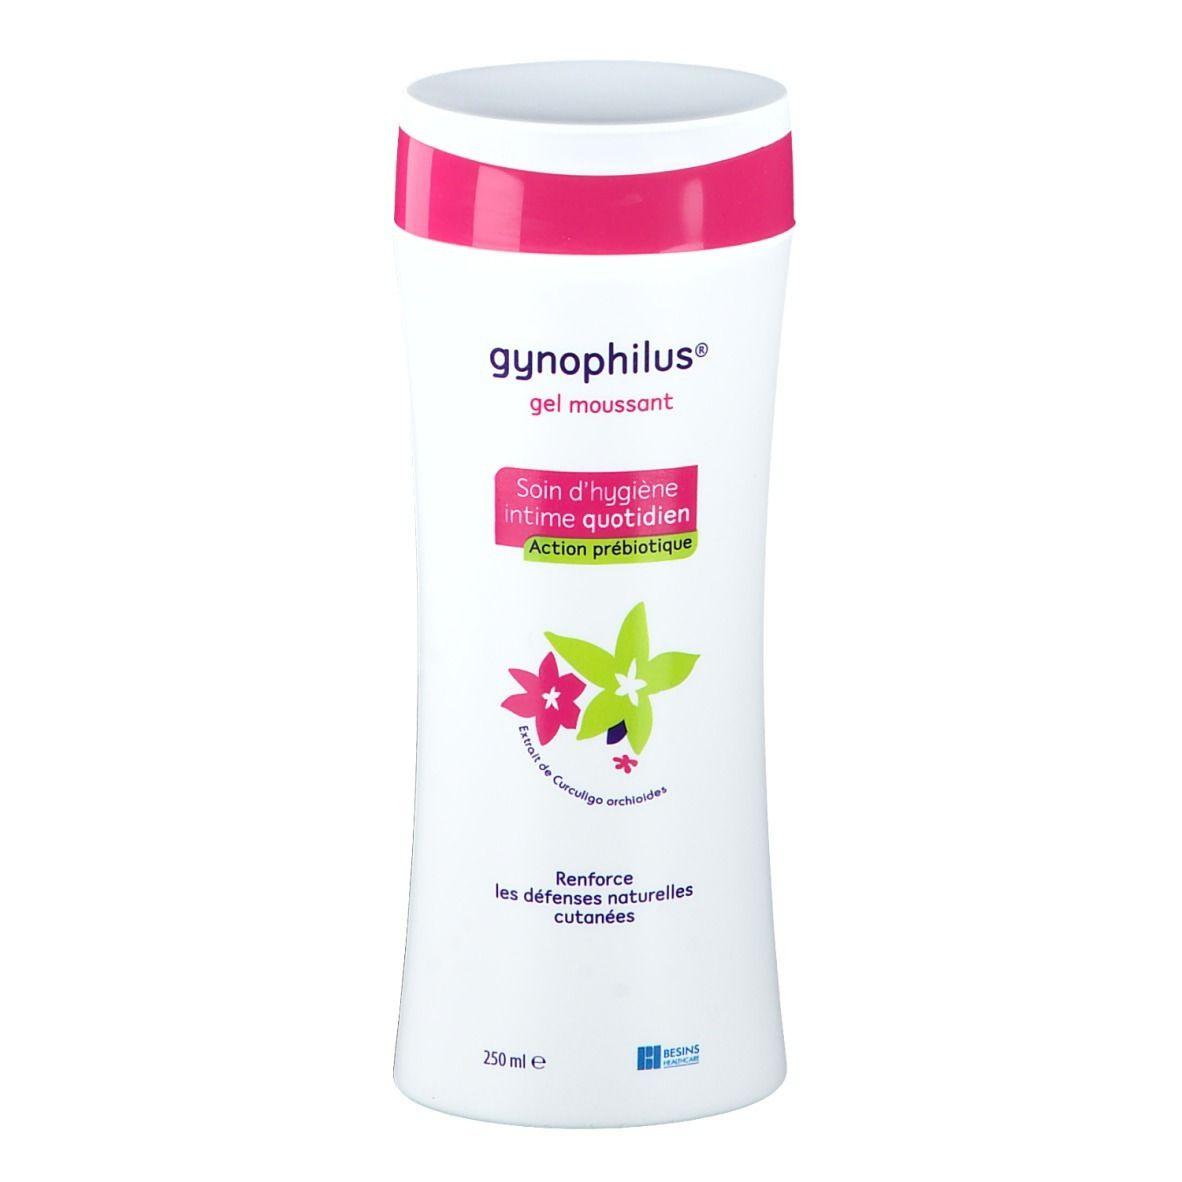 GynOphilus® Gel moussant Soin d'hygiène intime quotidien ml gel(s)